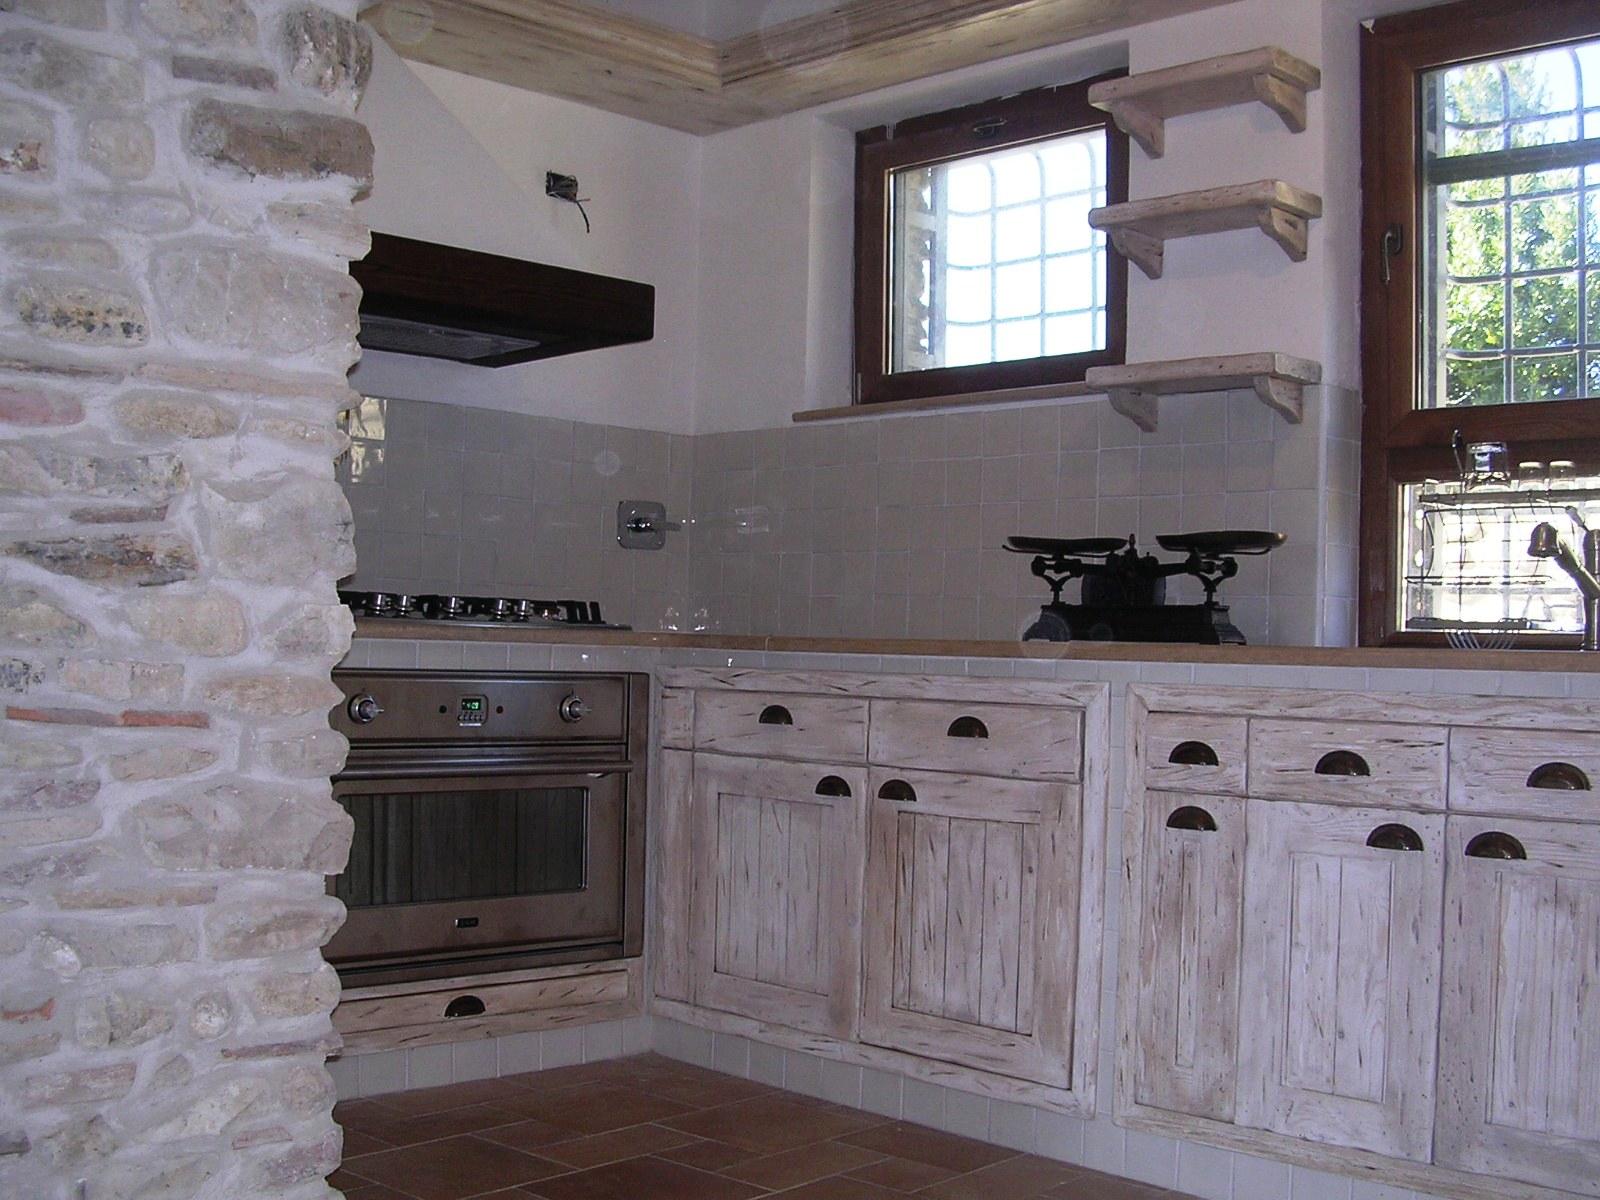 Cucine in muratura e componibili rd arredamenti - Cucine fai da te in legno ...